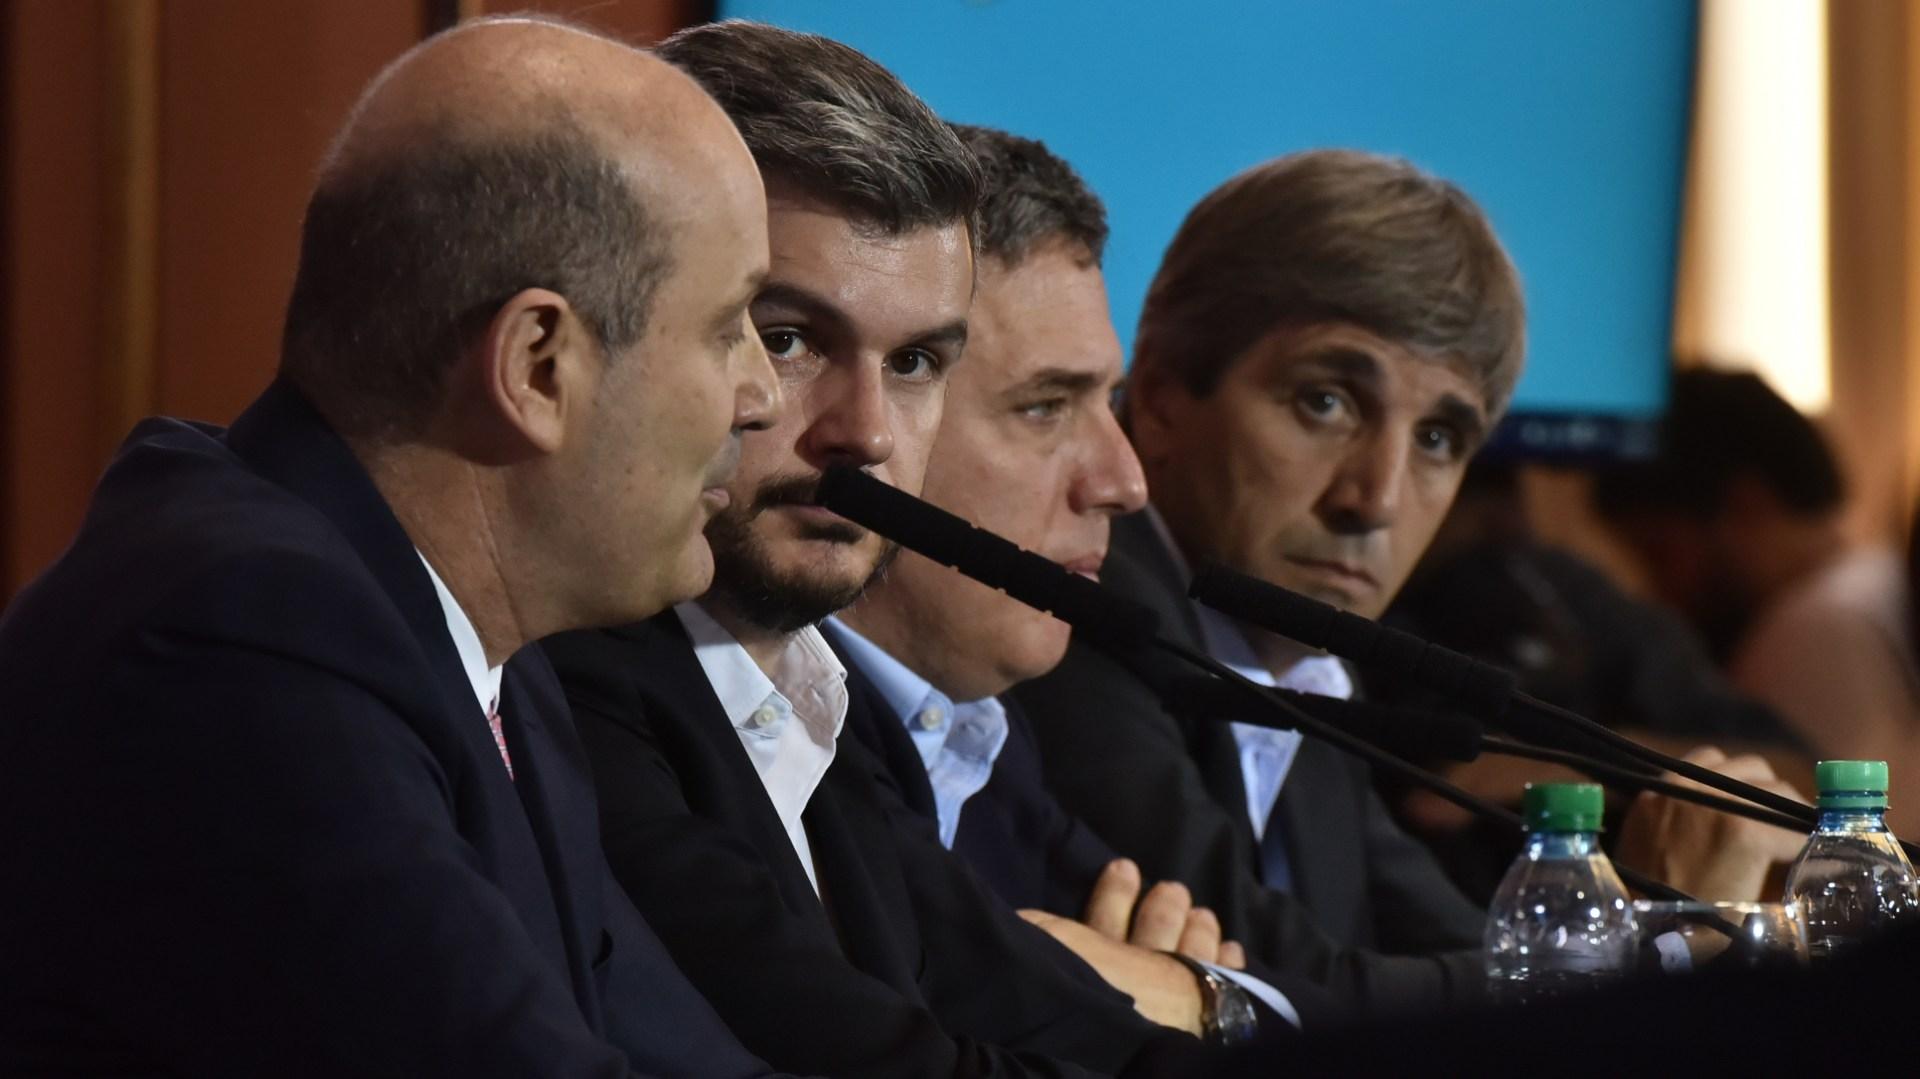 La famosa conferencia de prensa del 28 de diciembre de 2017 (Adrián Escandar)